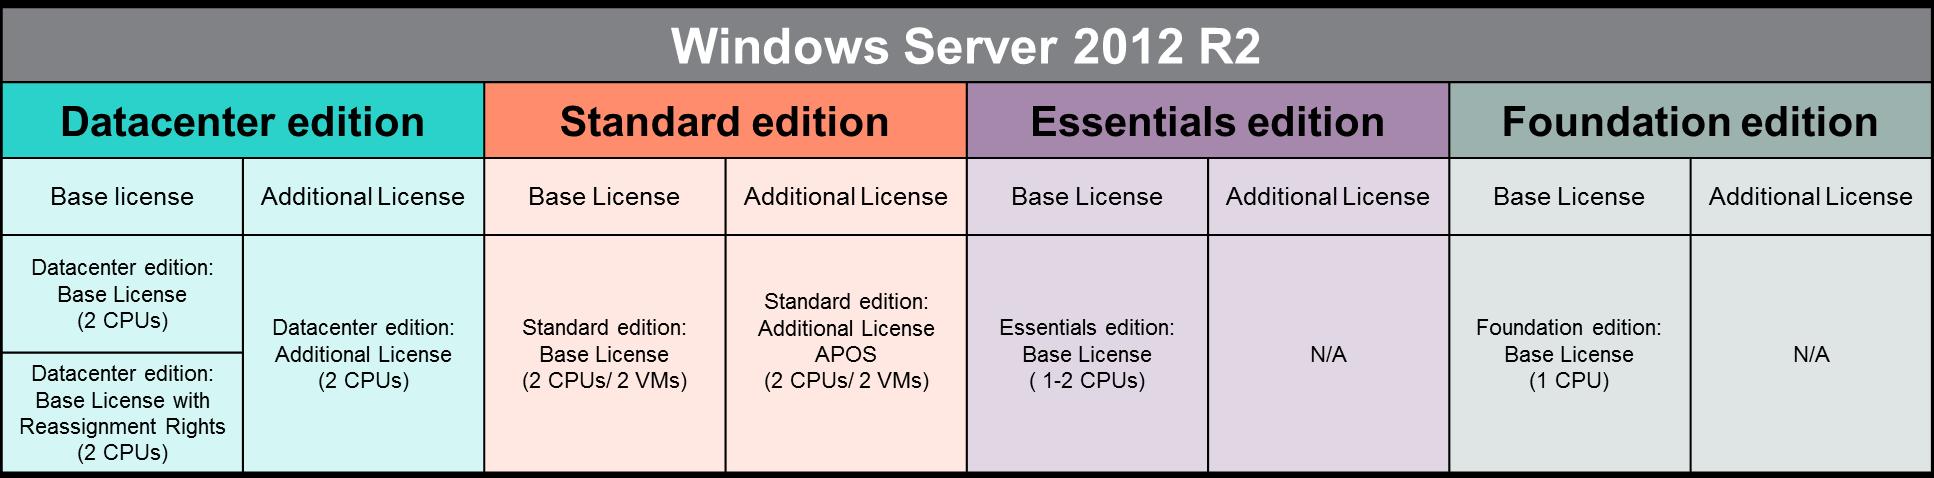 WS2012 R2 OEM ROK licenses.png